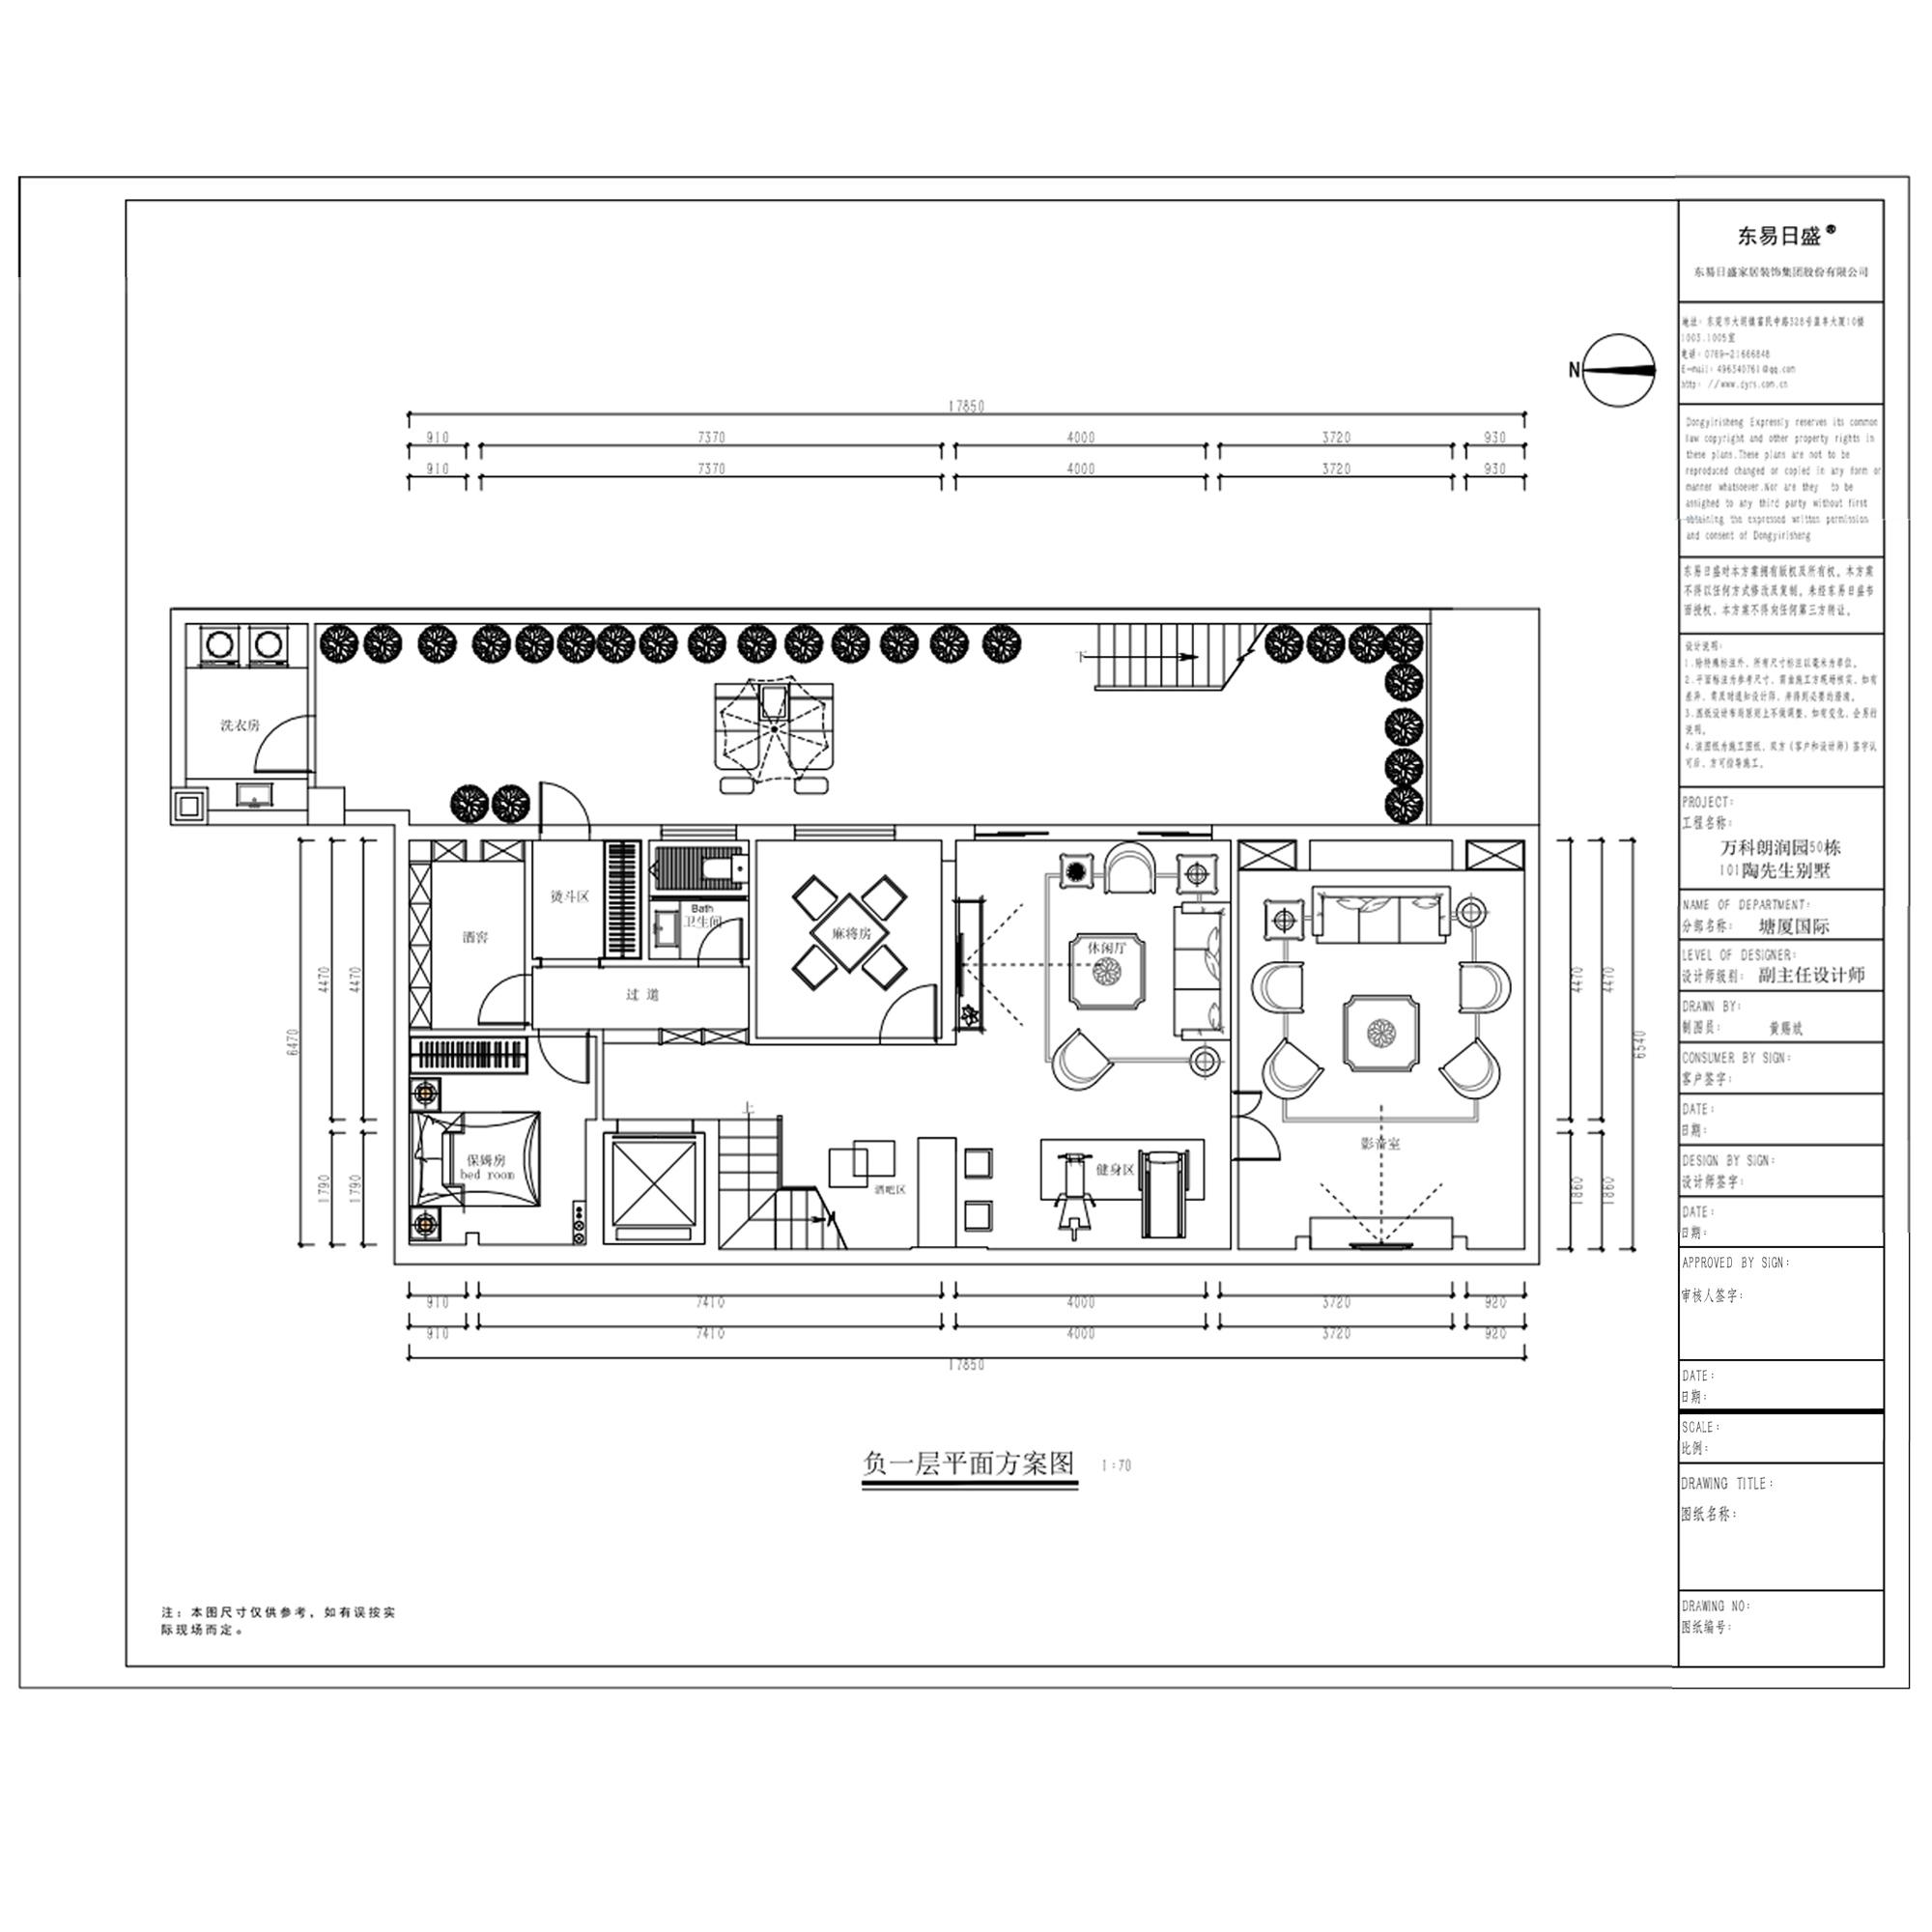 塘厦万科朗润园装修效果图-760㎡简约美式别墅装修案例装修设计理念